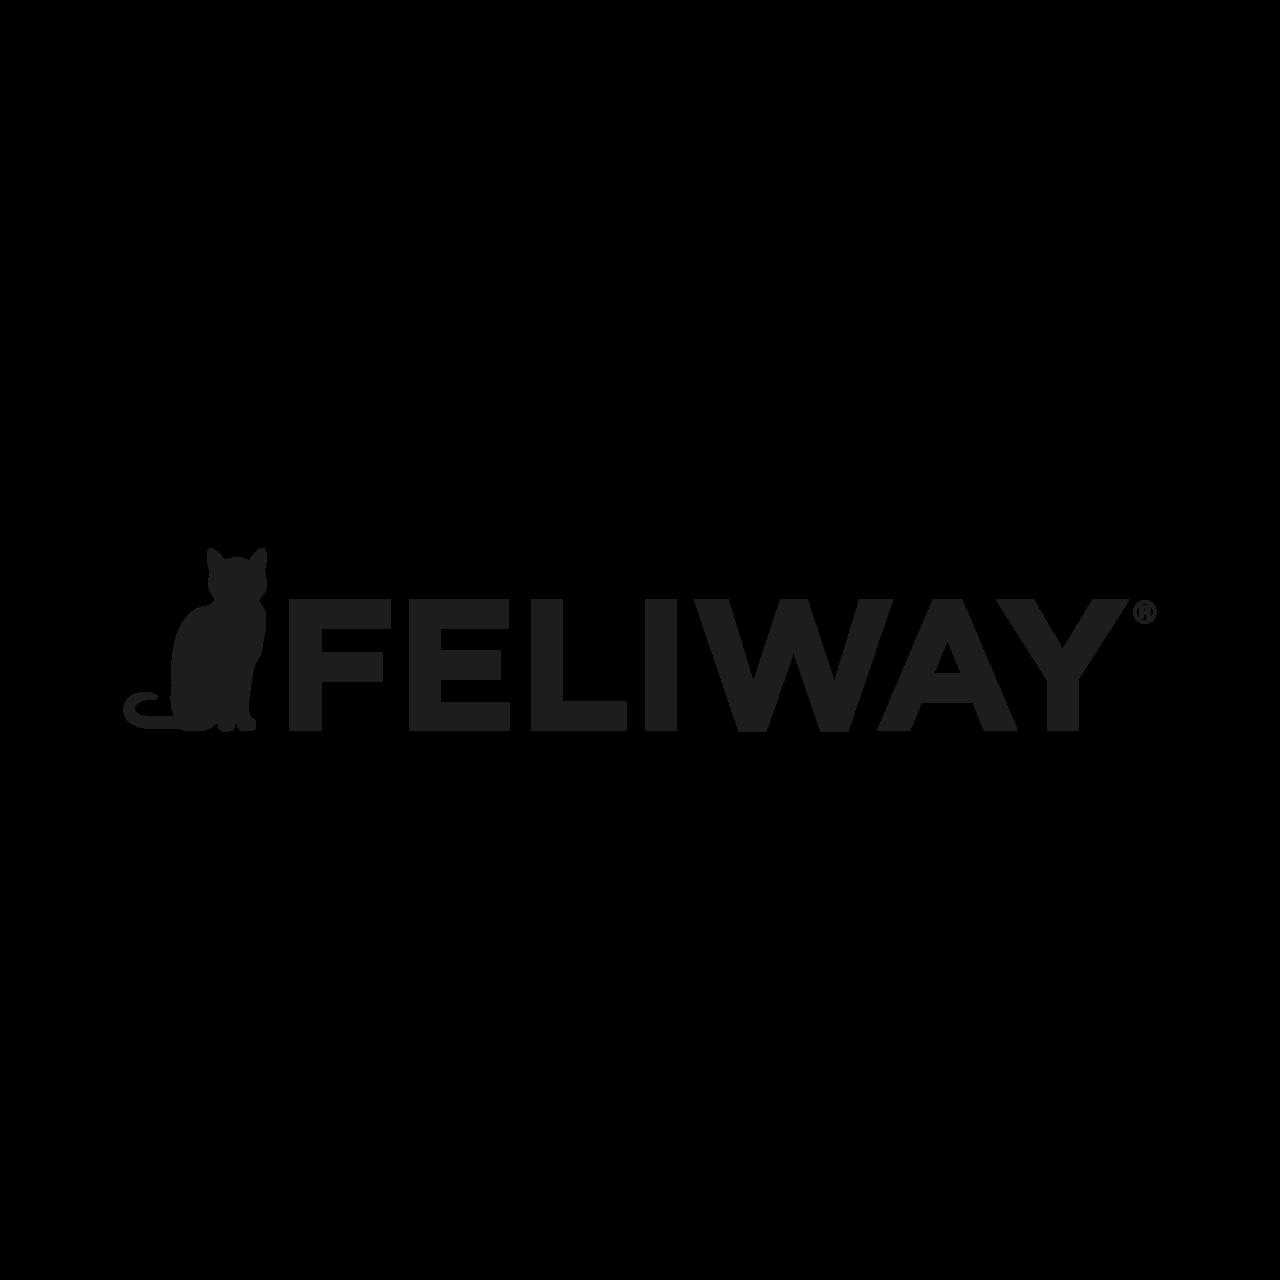 Feliway® logo